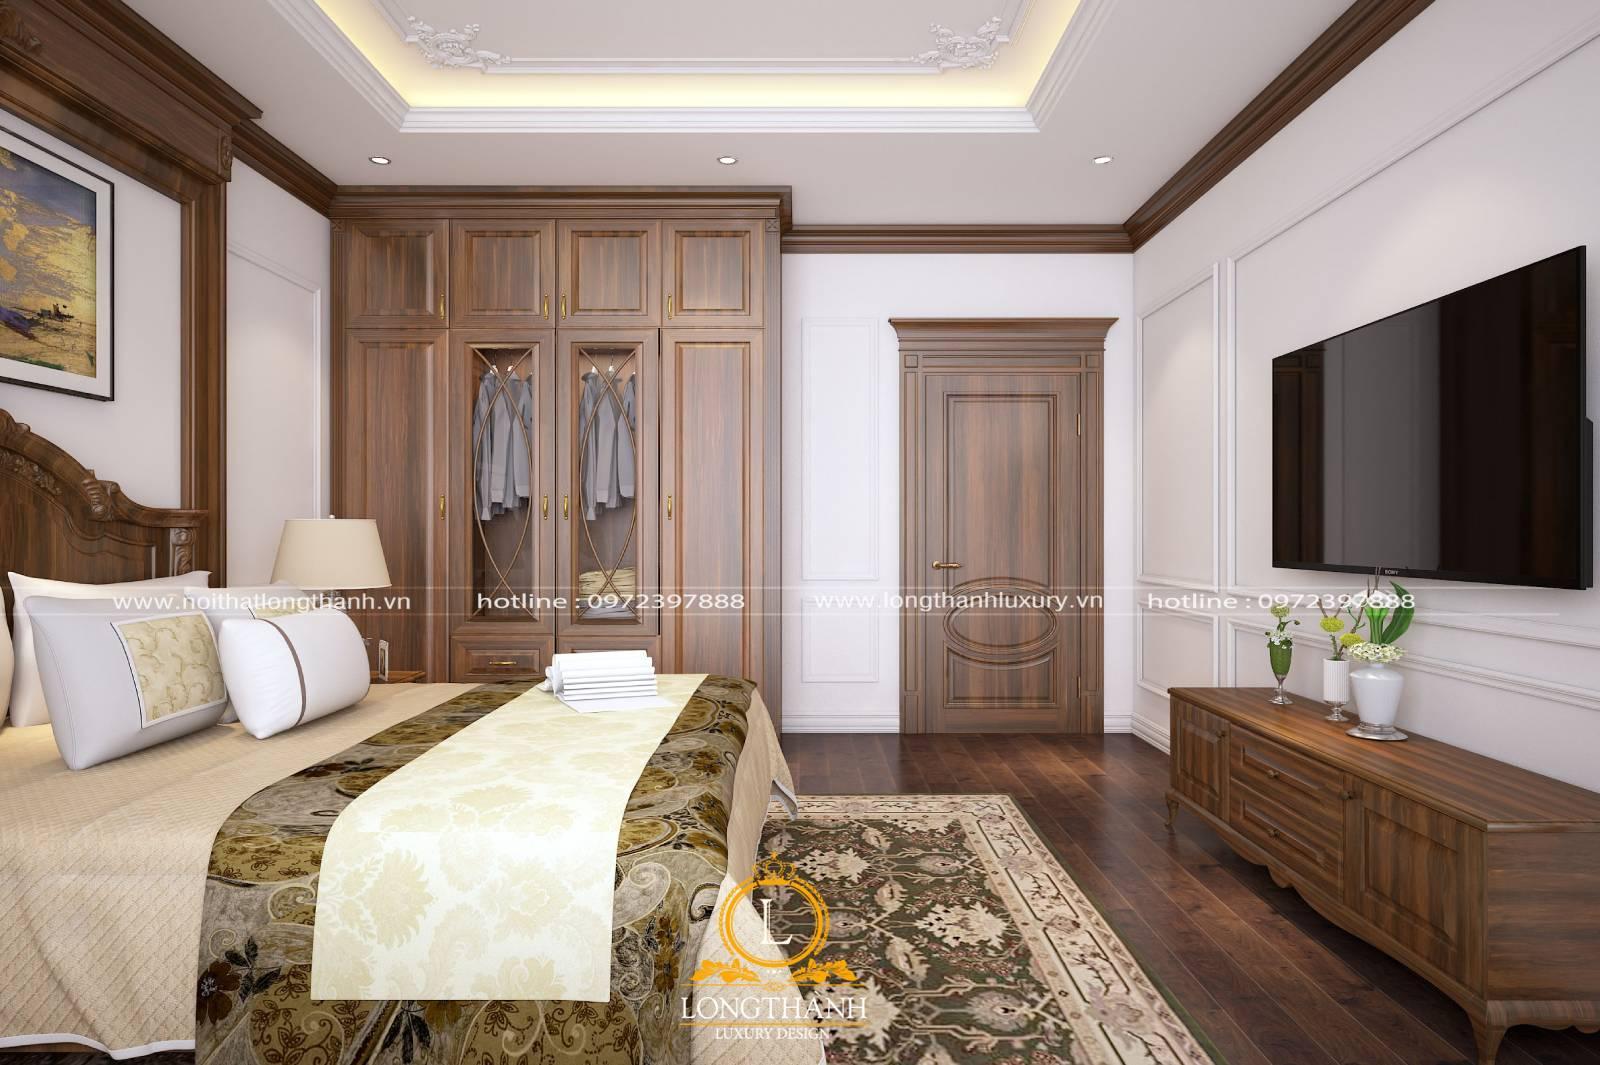 Cửa gỗ nguyên tấm và đặc điểm, ứng dụng của cửa gỗ nguyên tâm